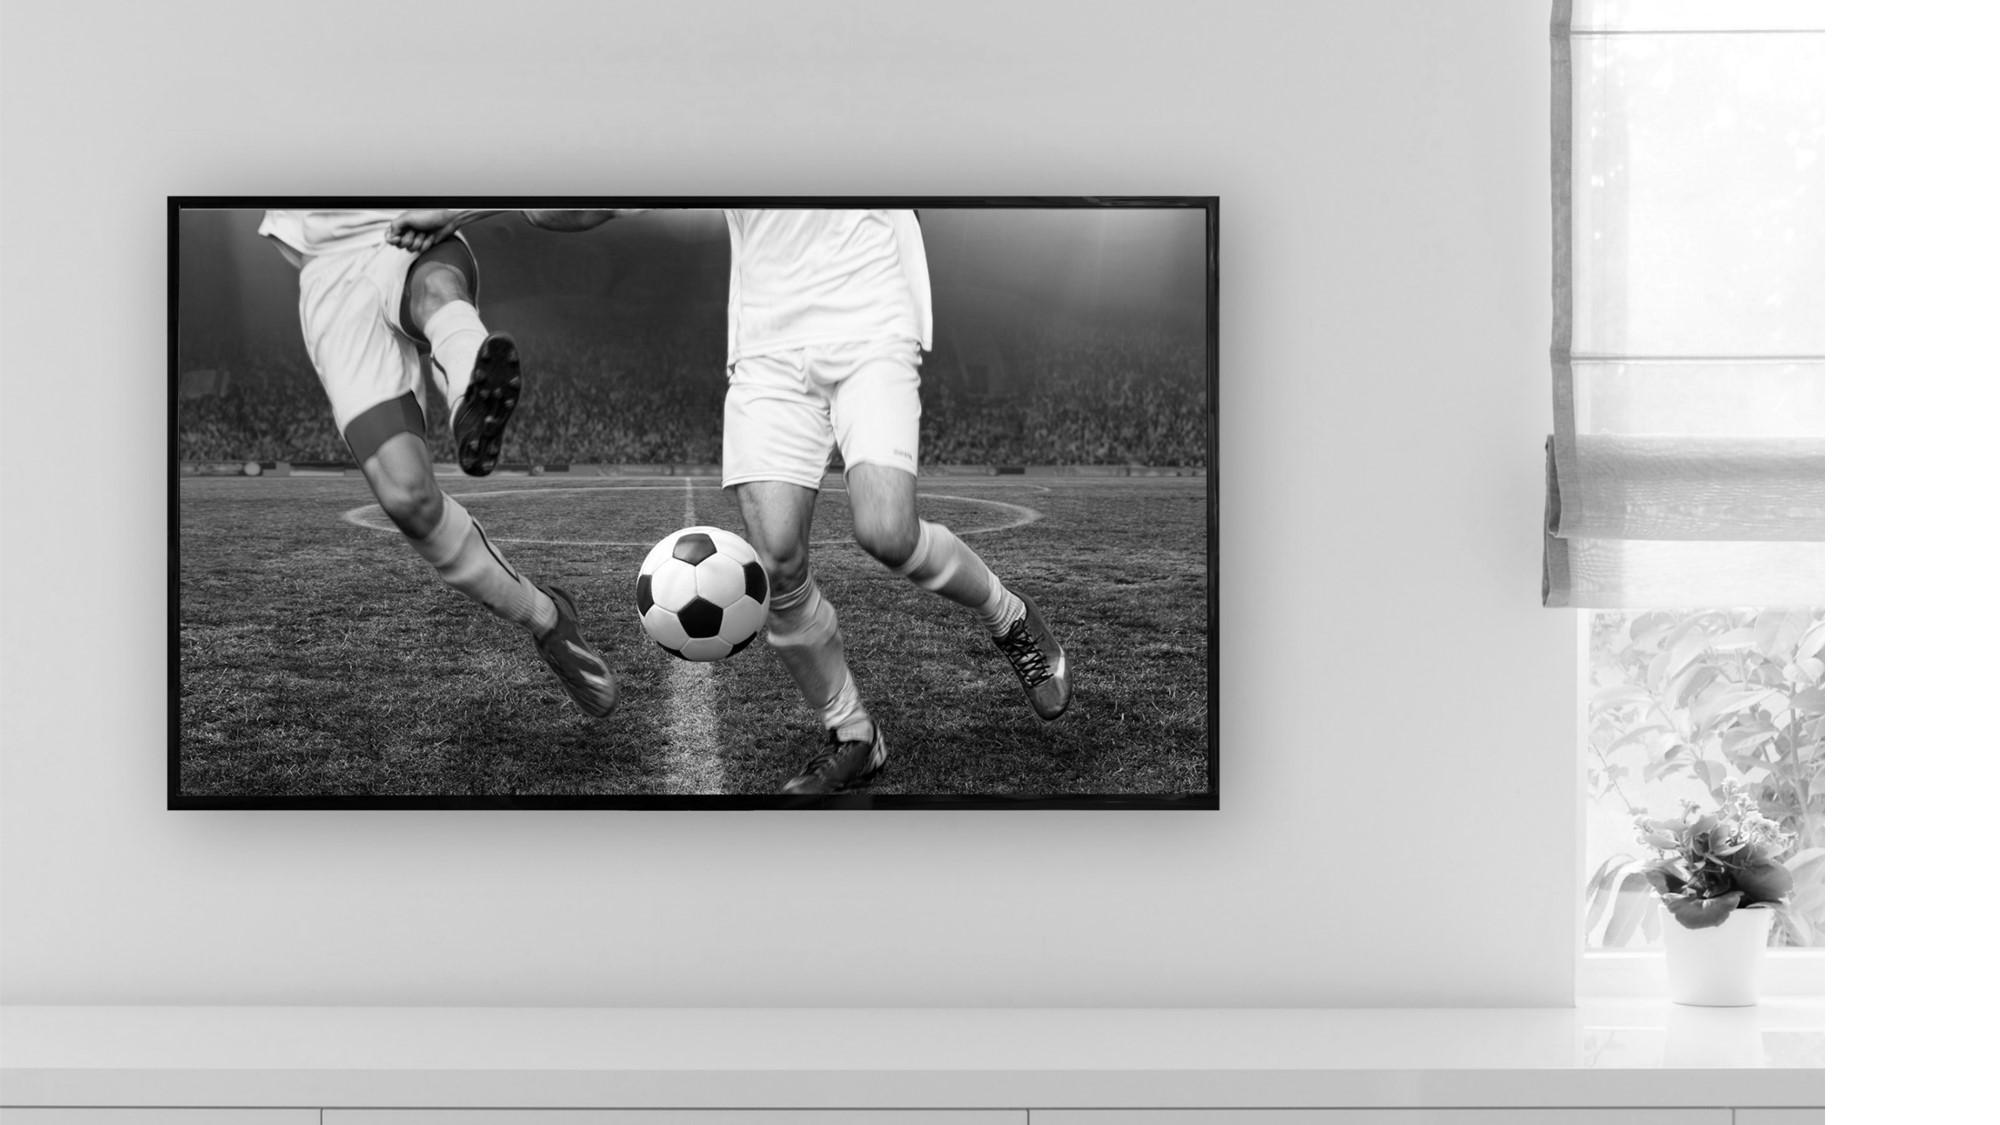 Een tvscherm waar voetbal op te zien is.